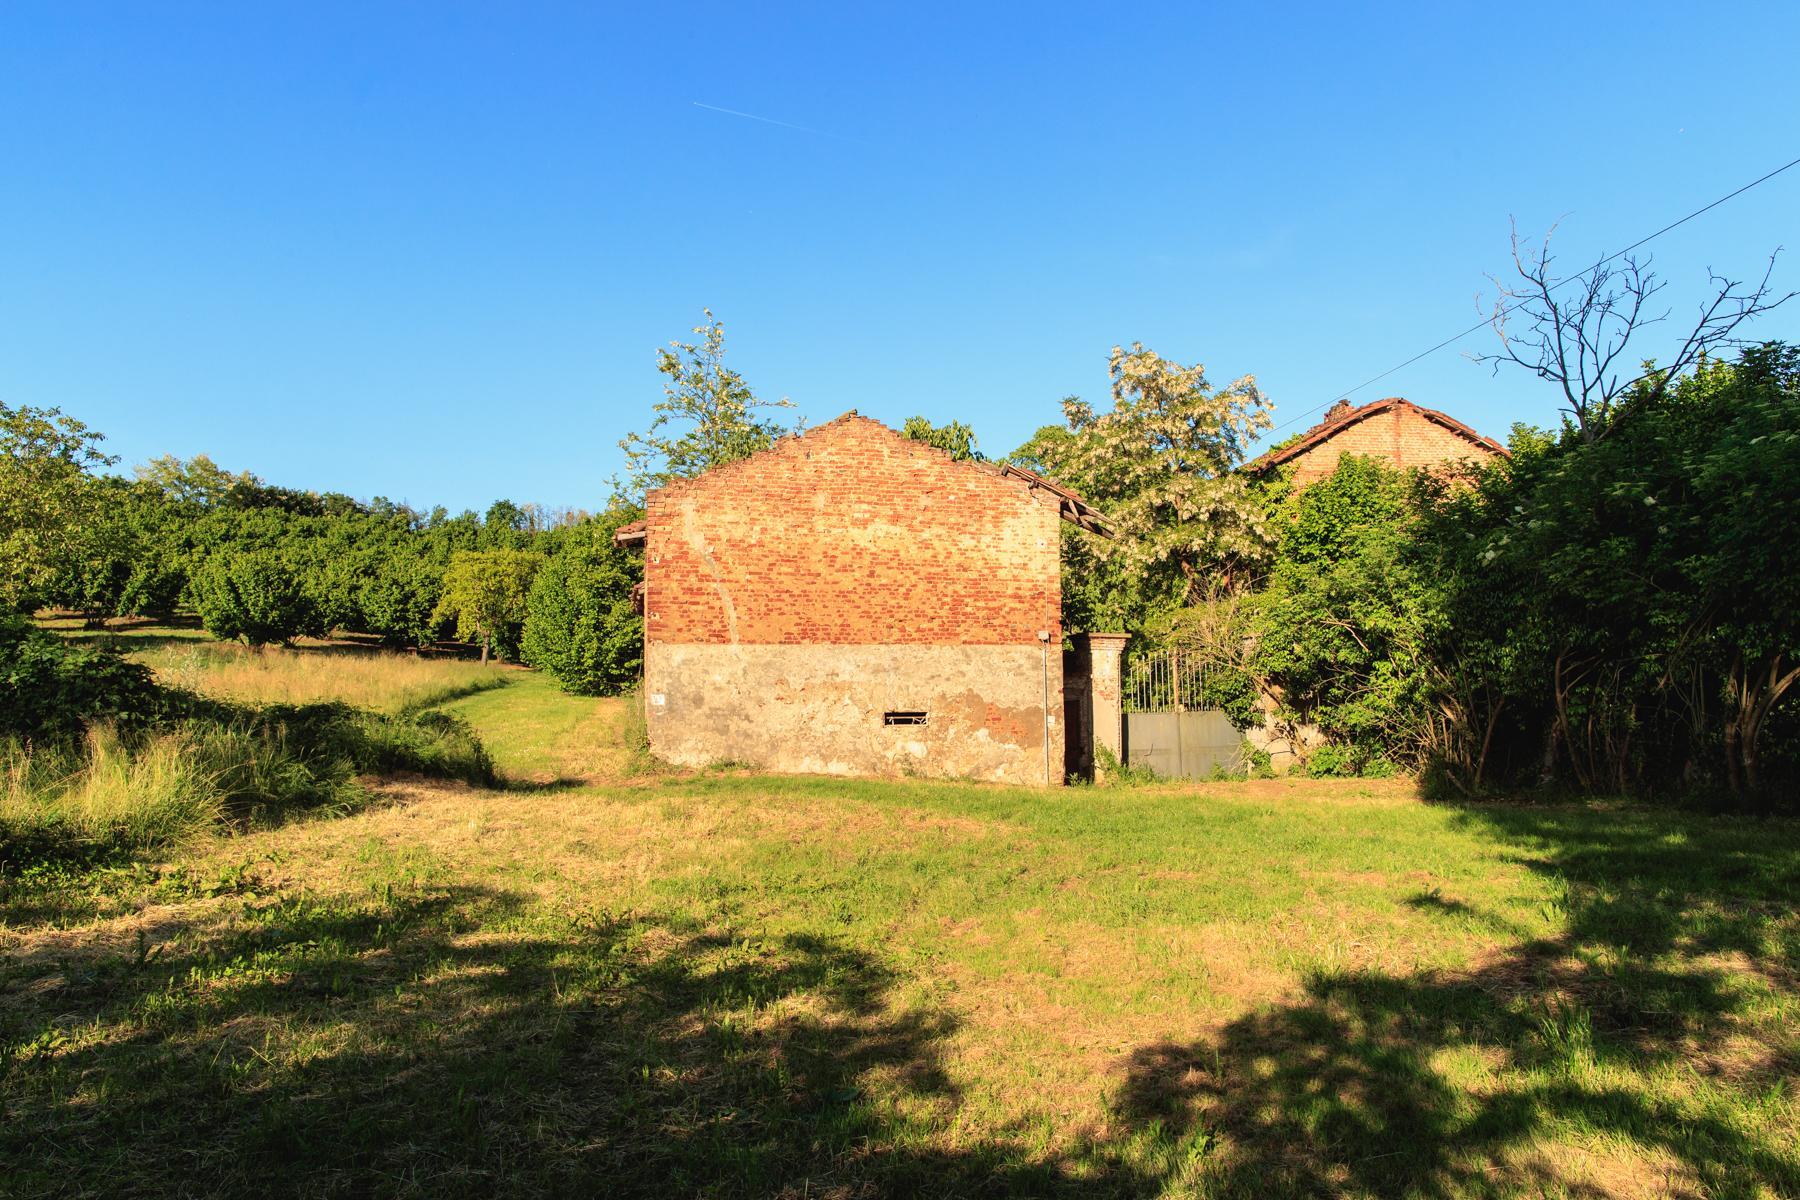 Antikes Bauernhaus auf dem Land Turins - 6